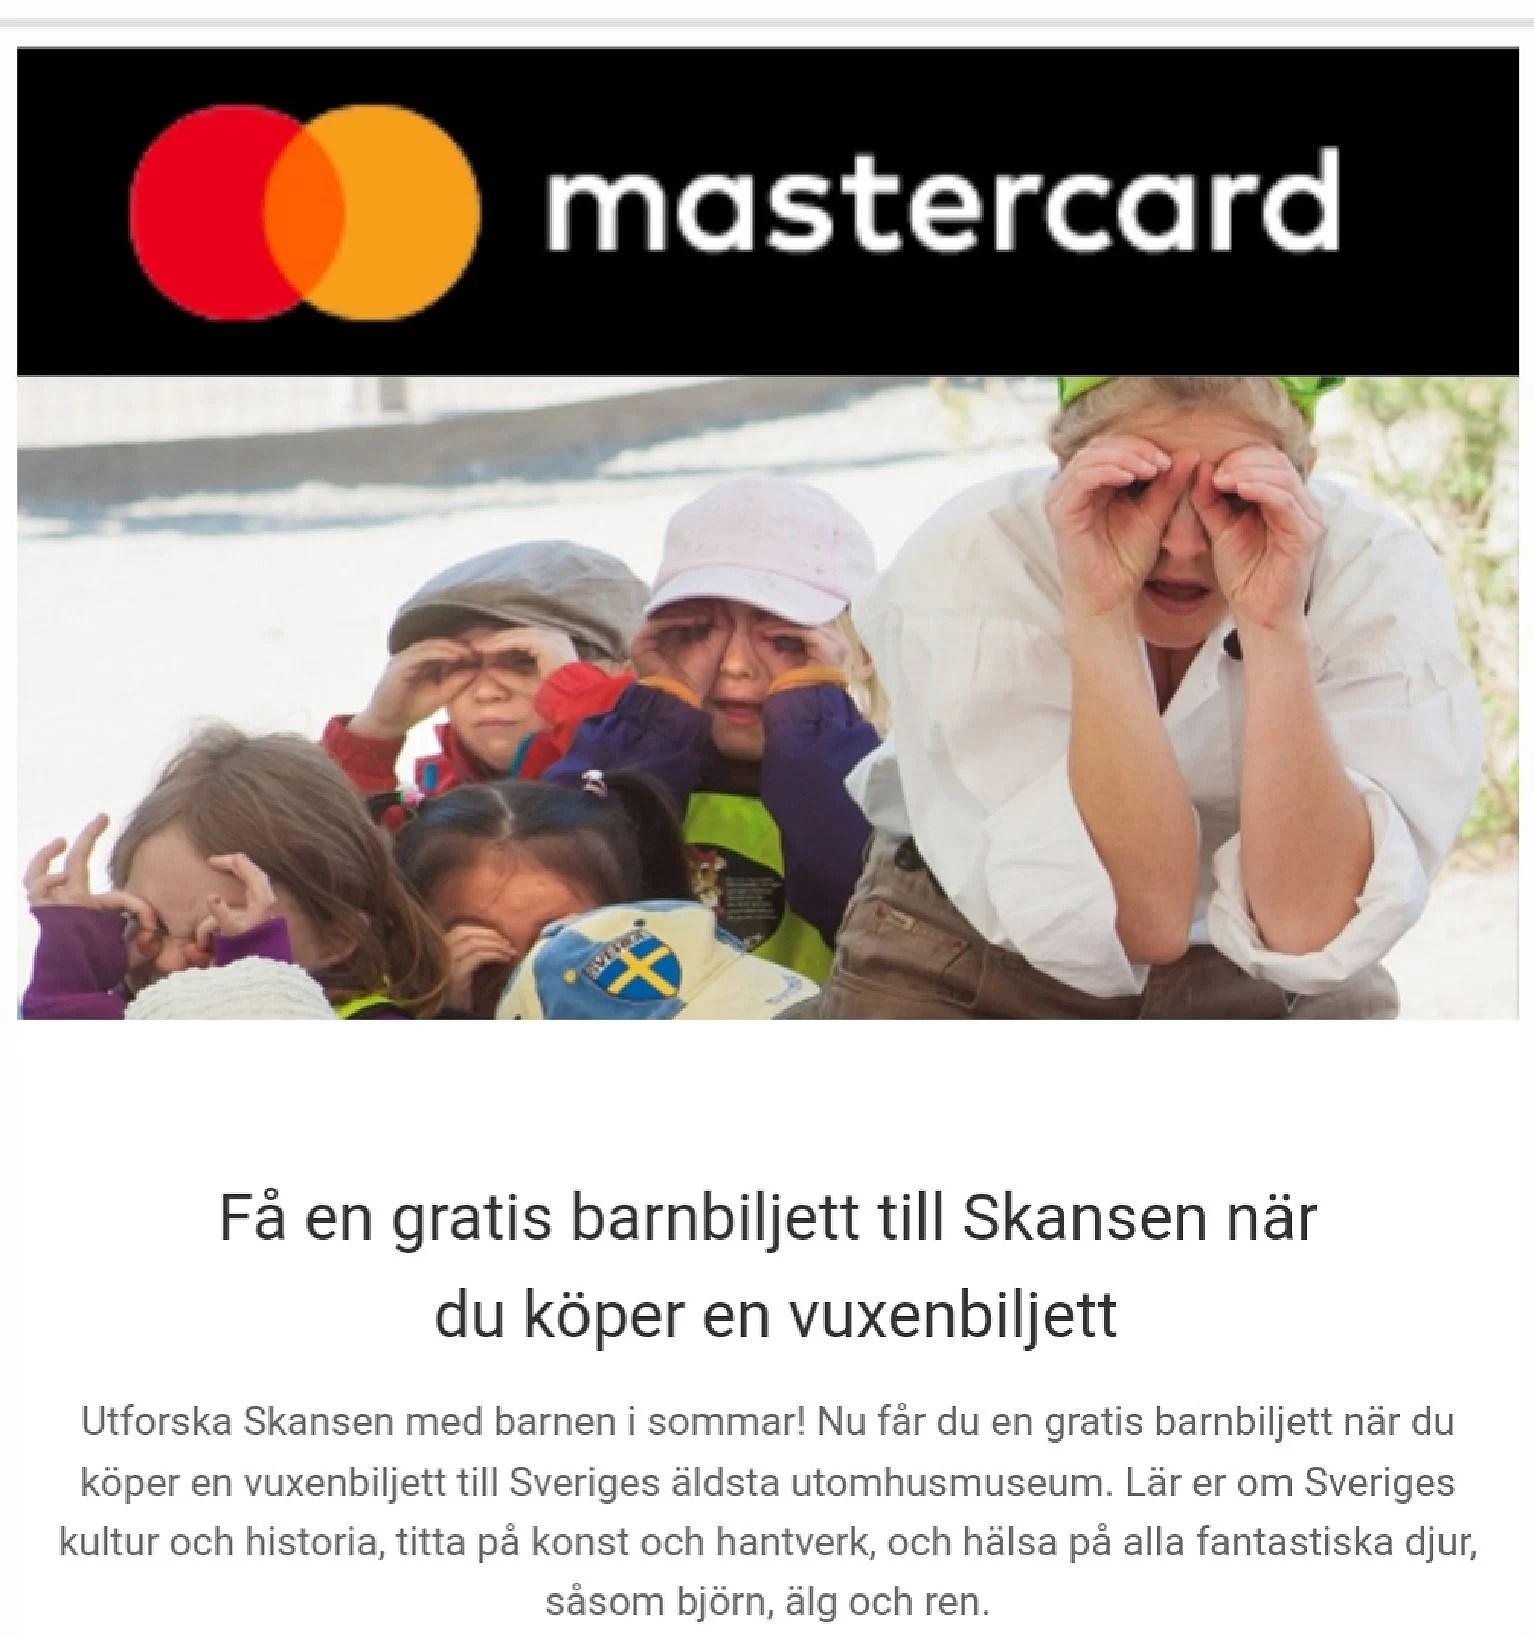 Få barnbiljett till Skansen på köpet...